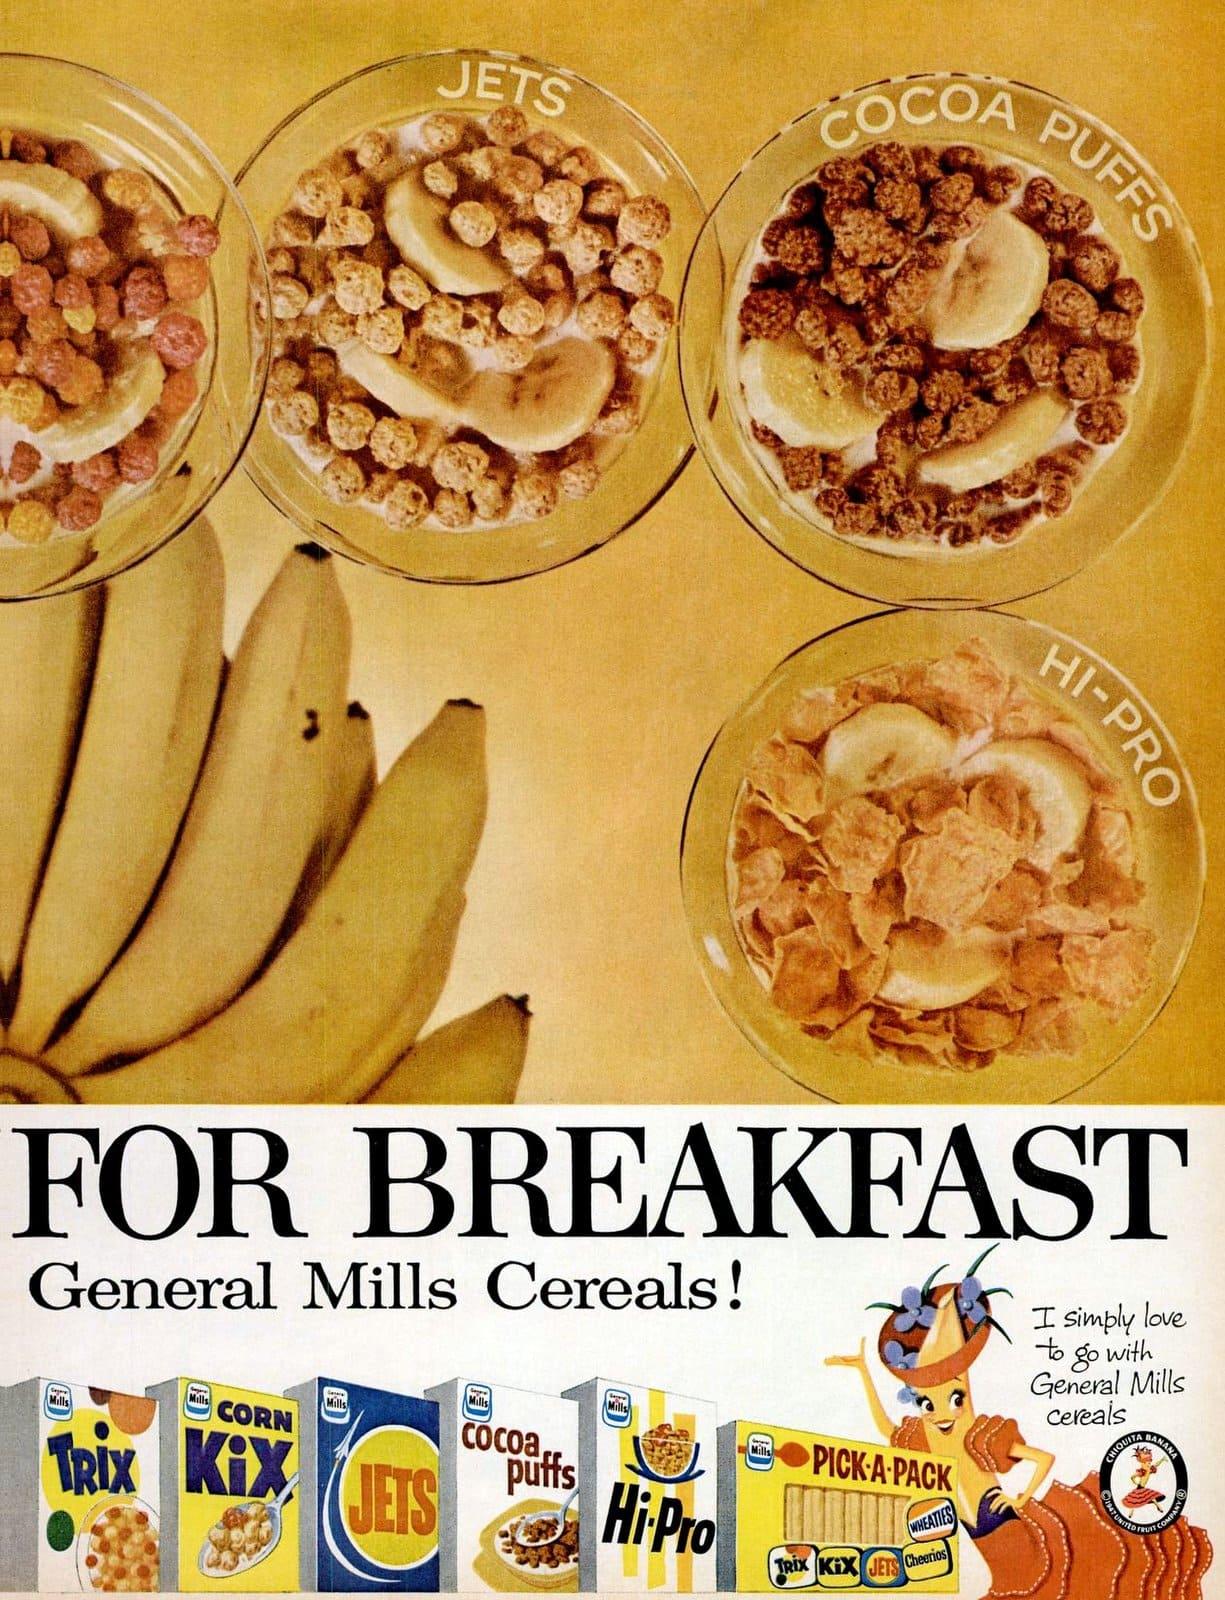 General Mills vintage cereal brands in 1959 (2)